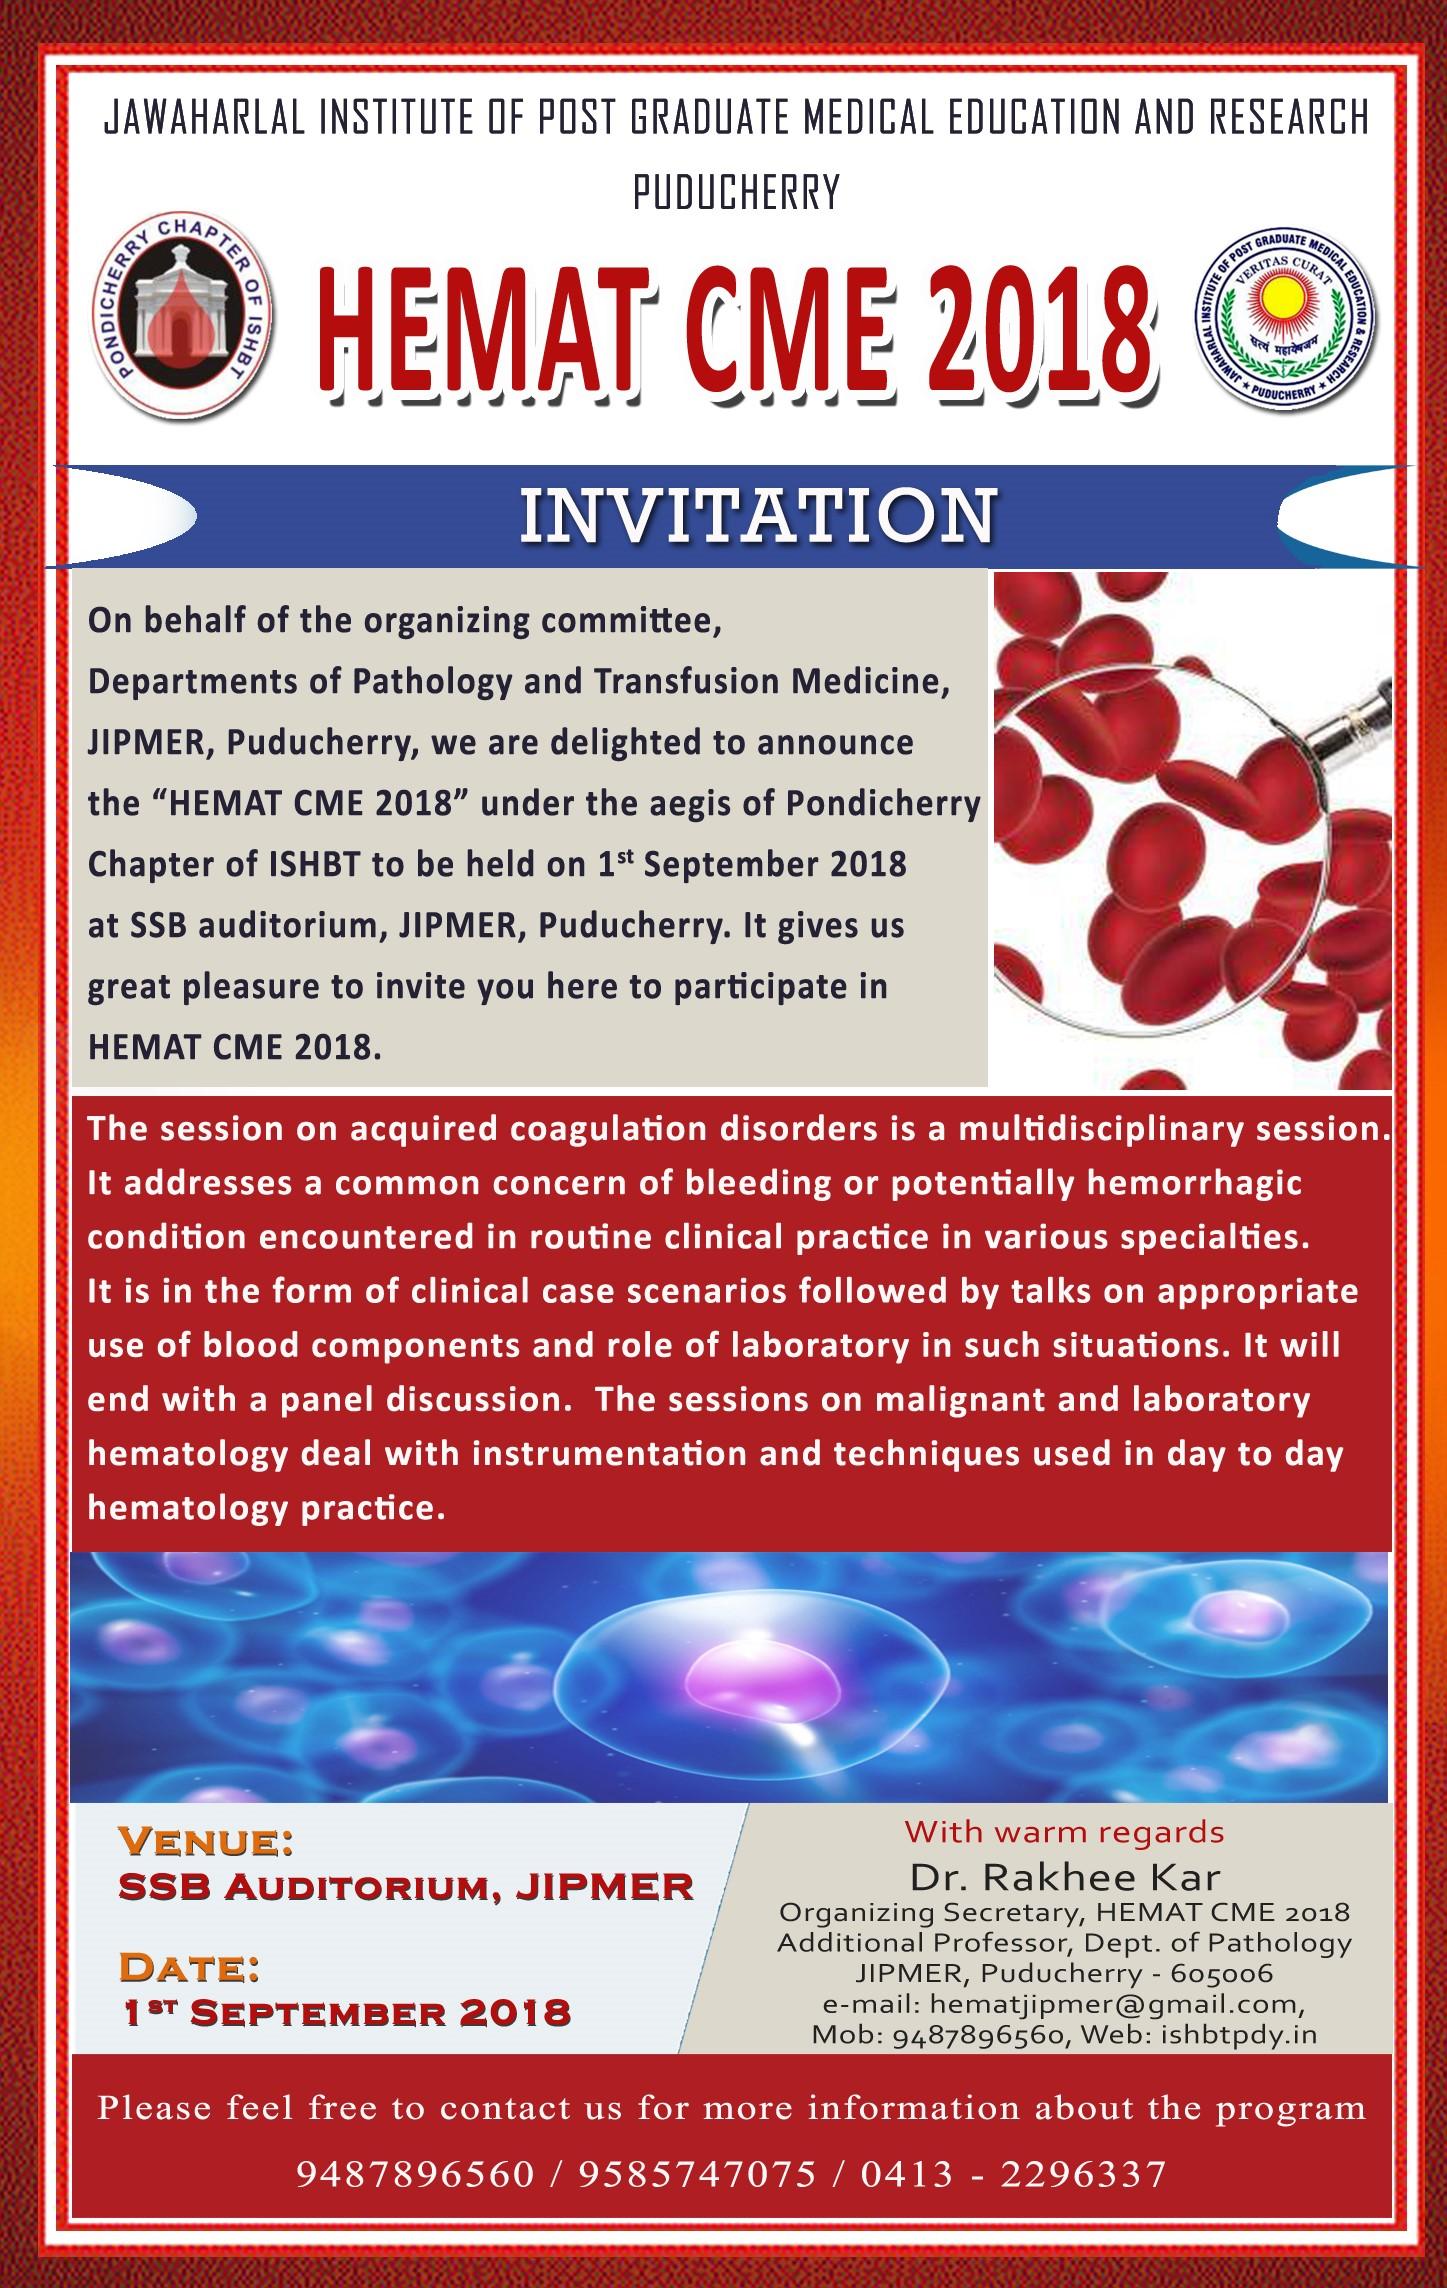 Pondicherry Chapter of ISHBT – Hematology and Blood Transfusion